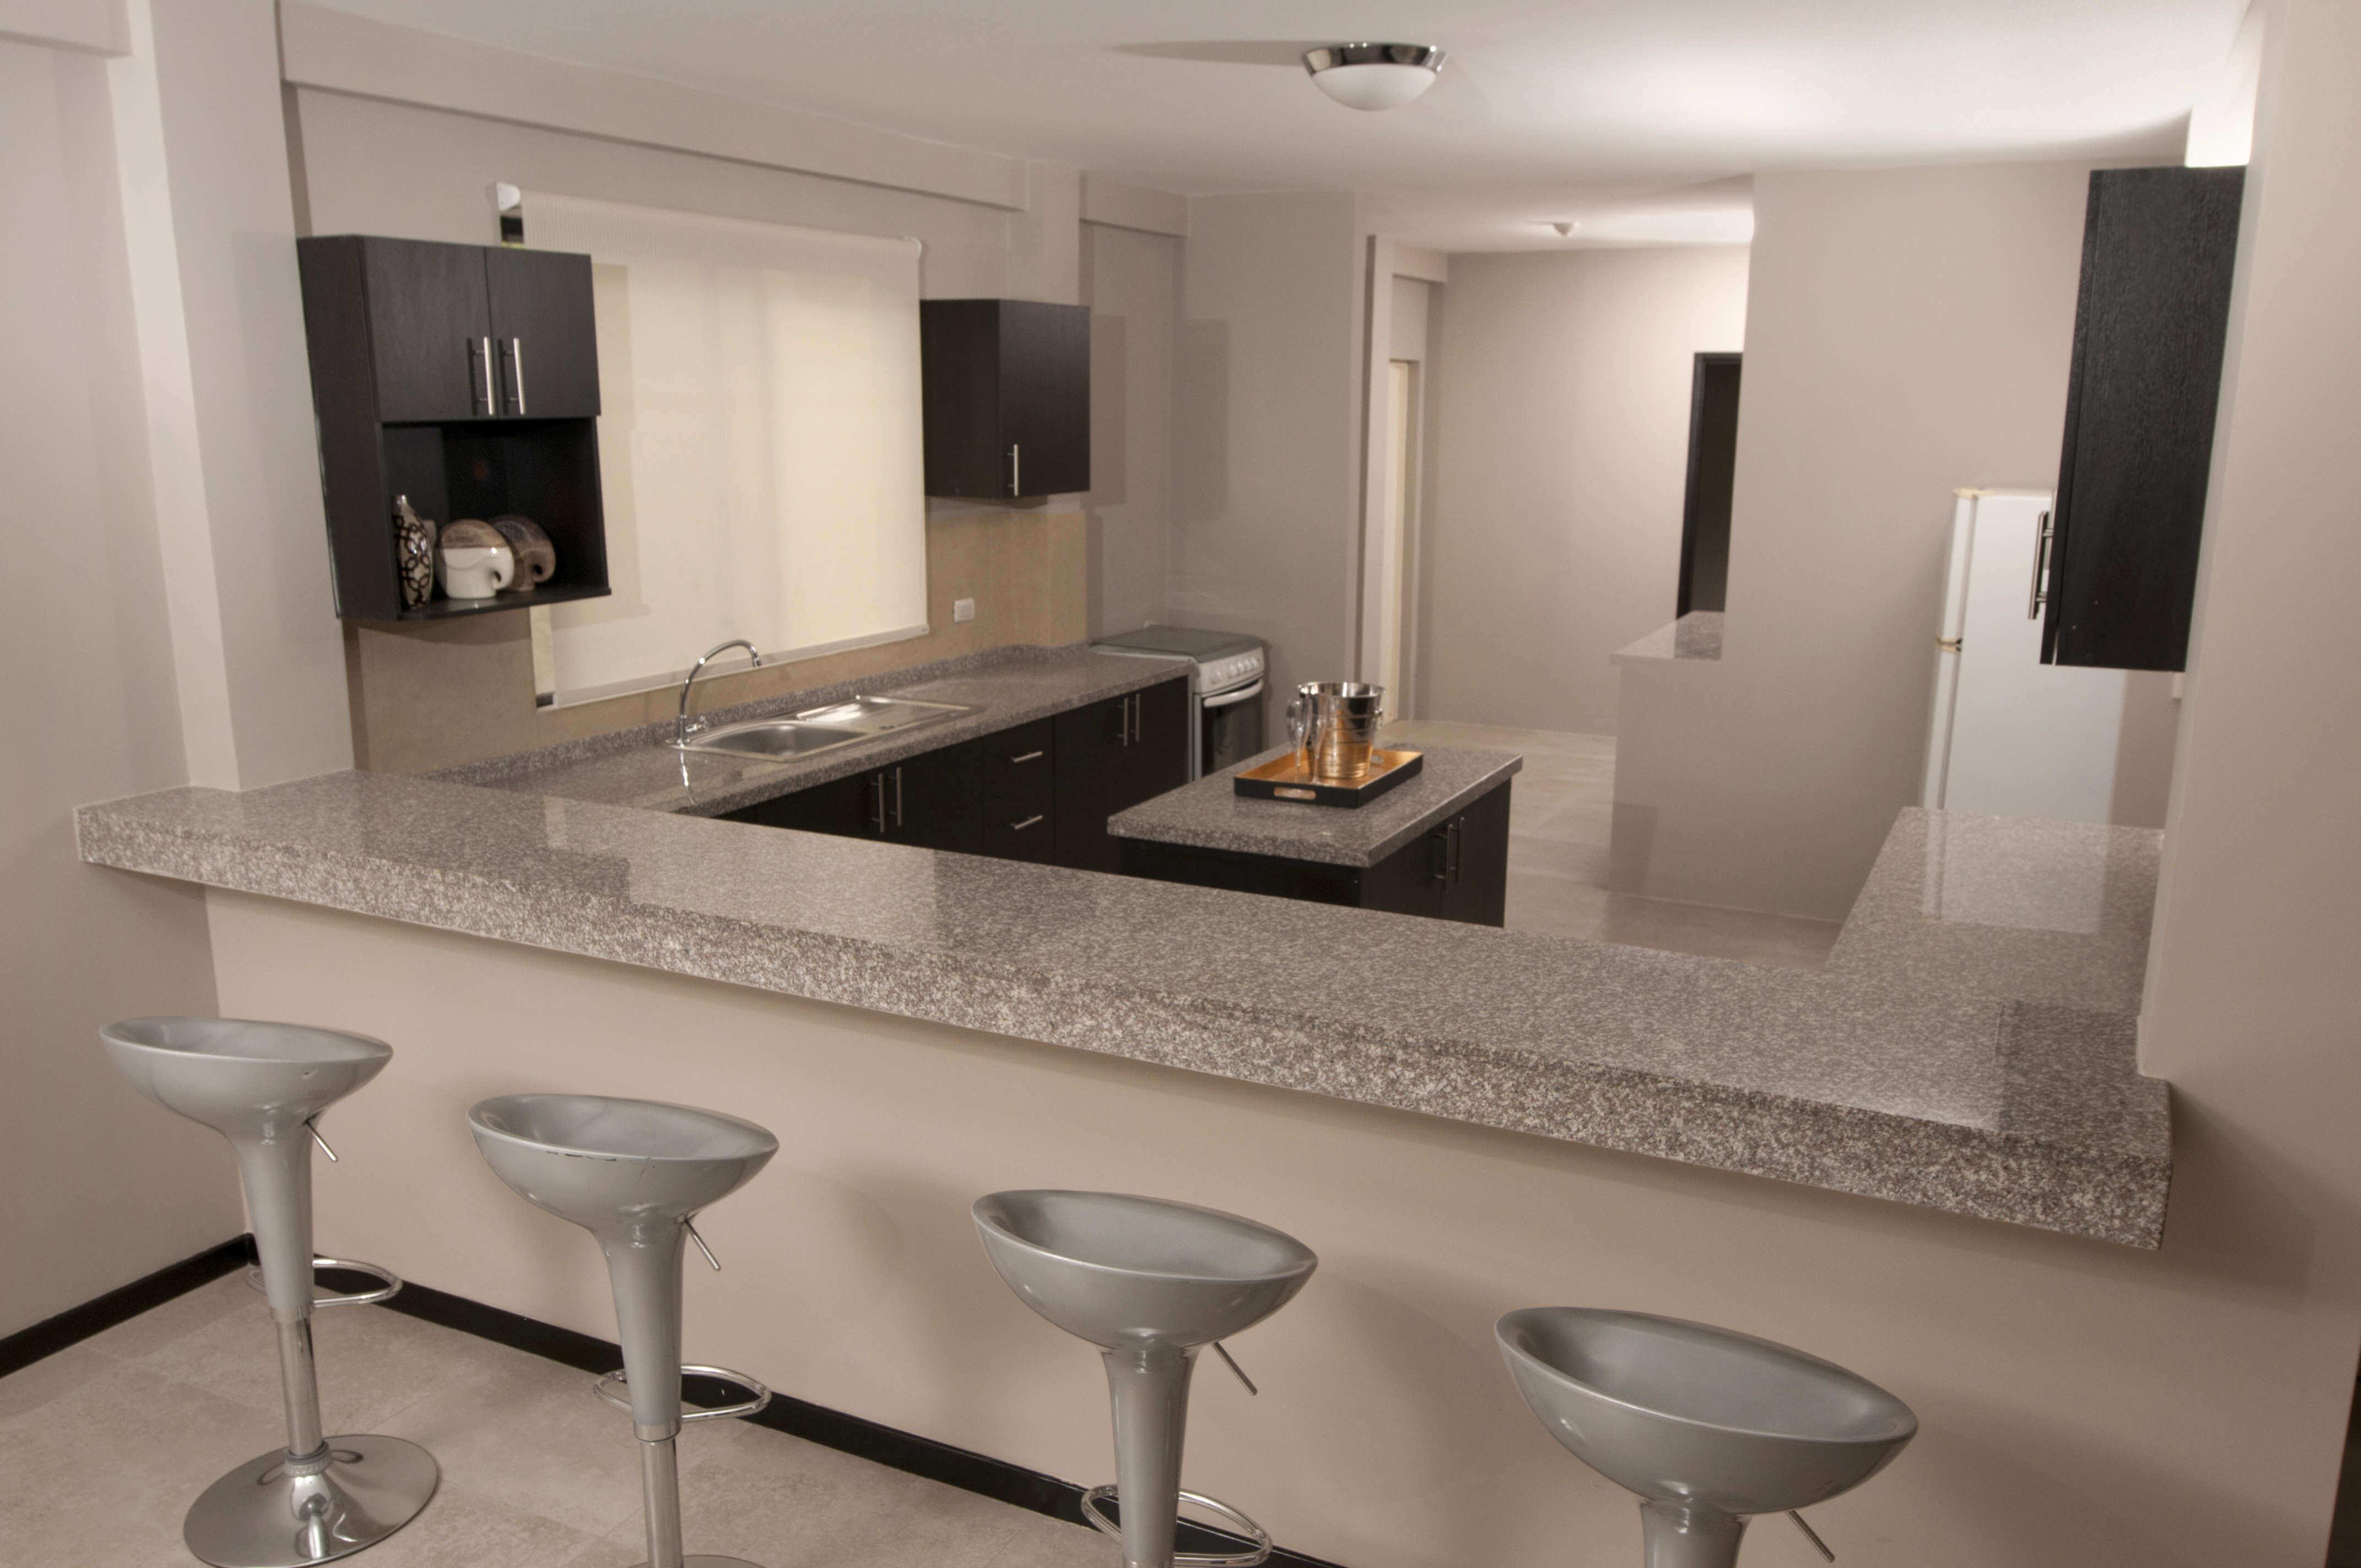 Villa club presenta nuevos acabados villa club venta for Modelos de pisos de cocina